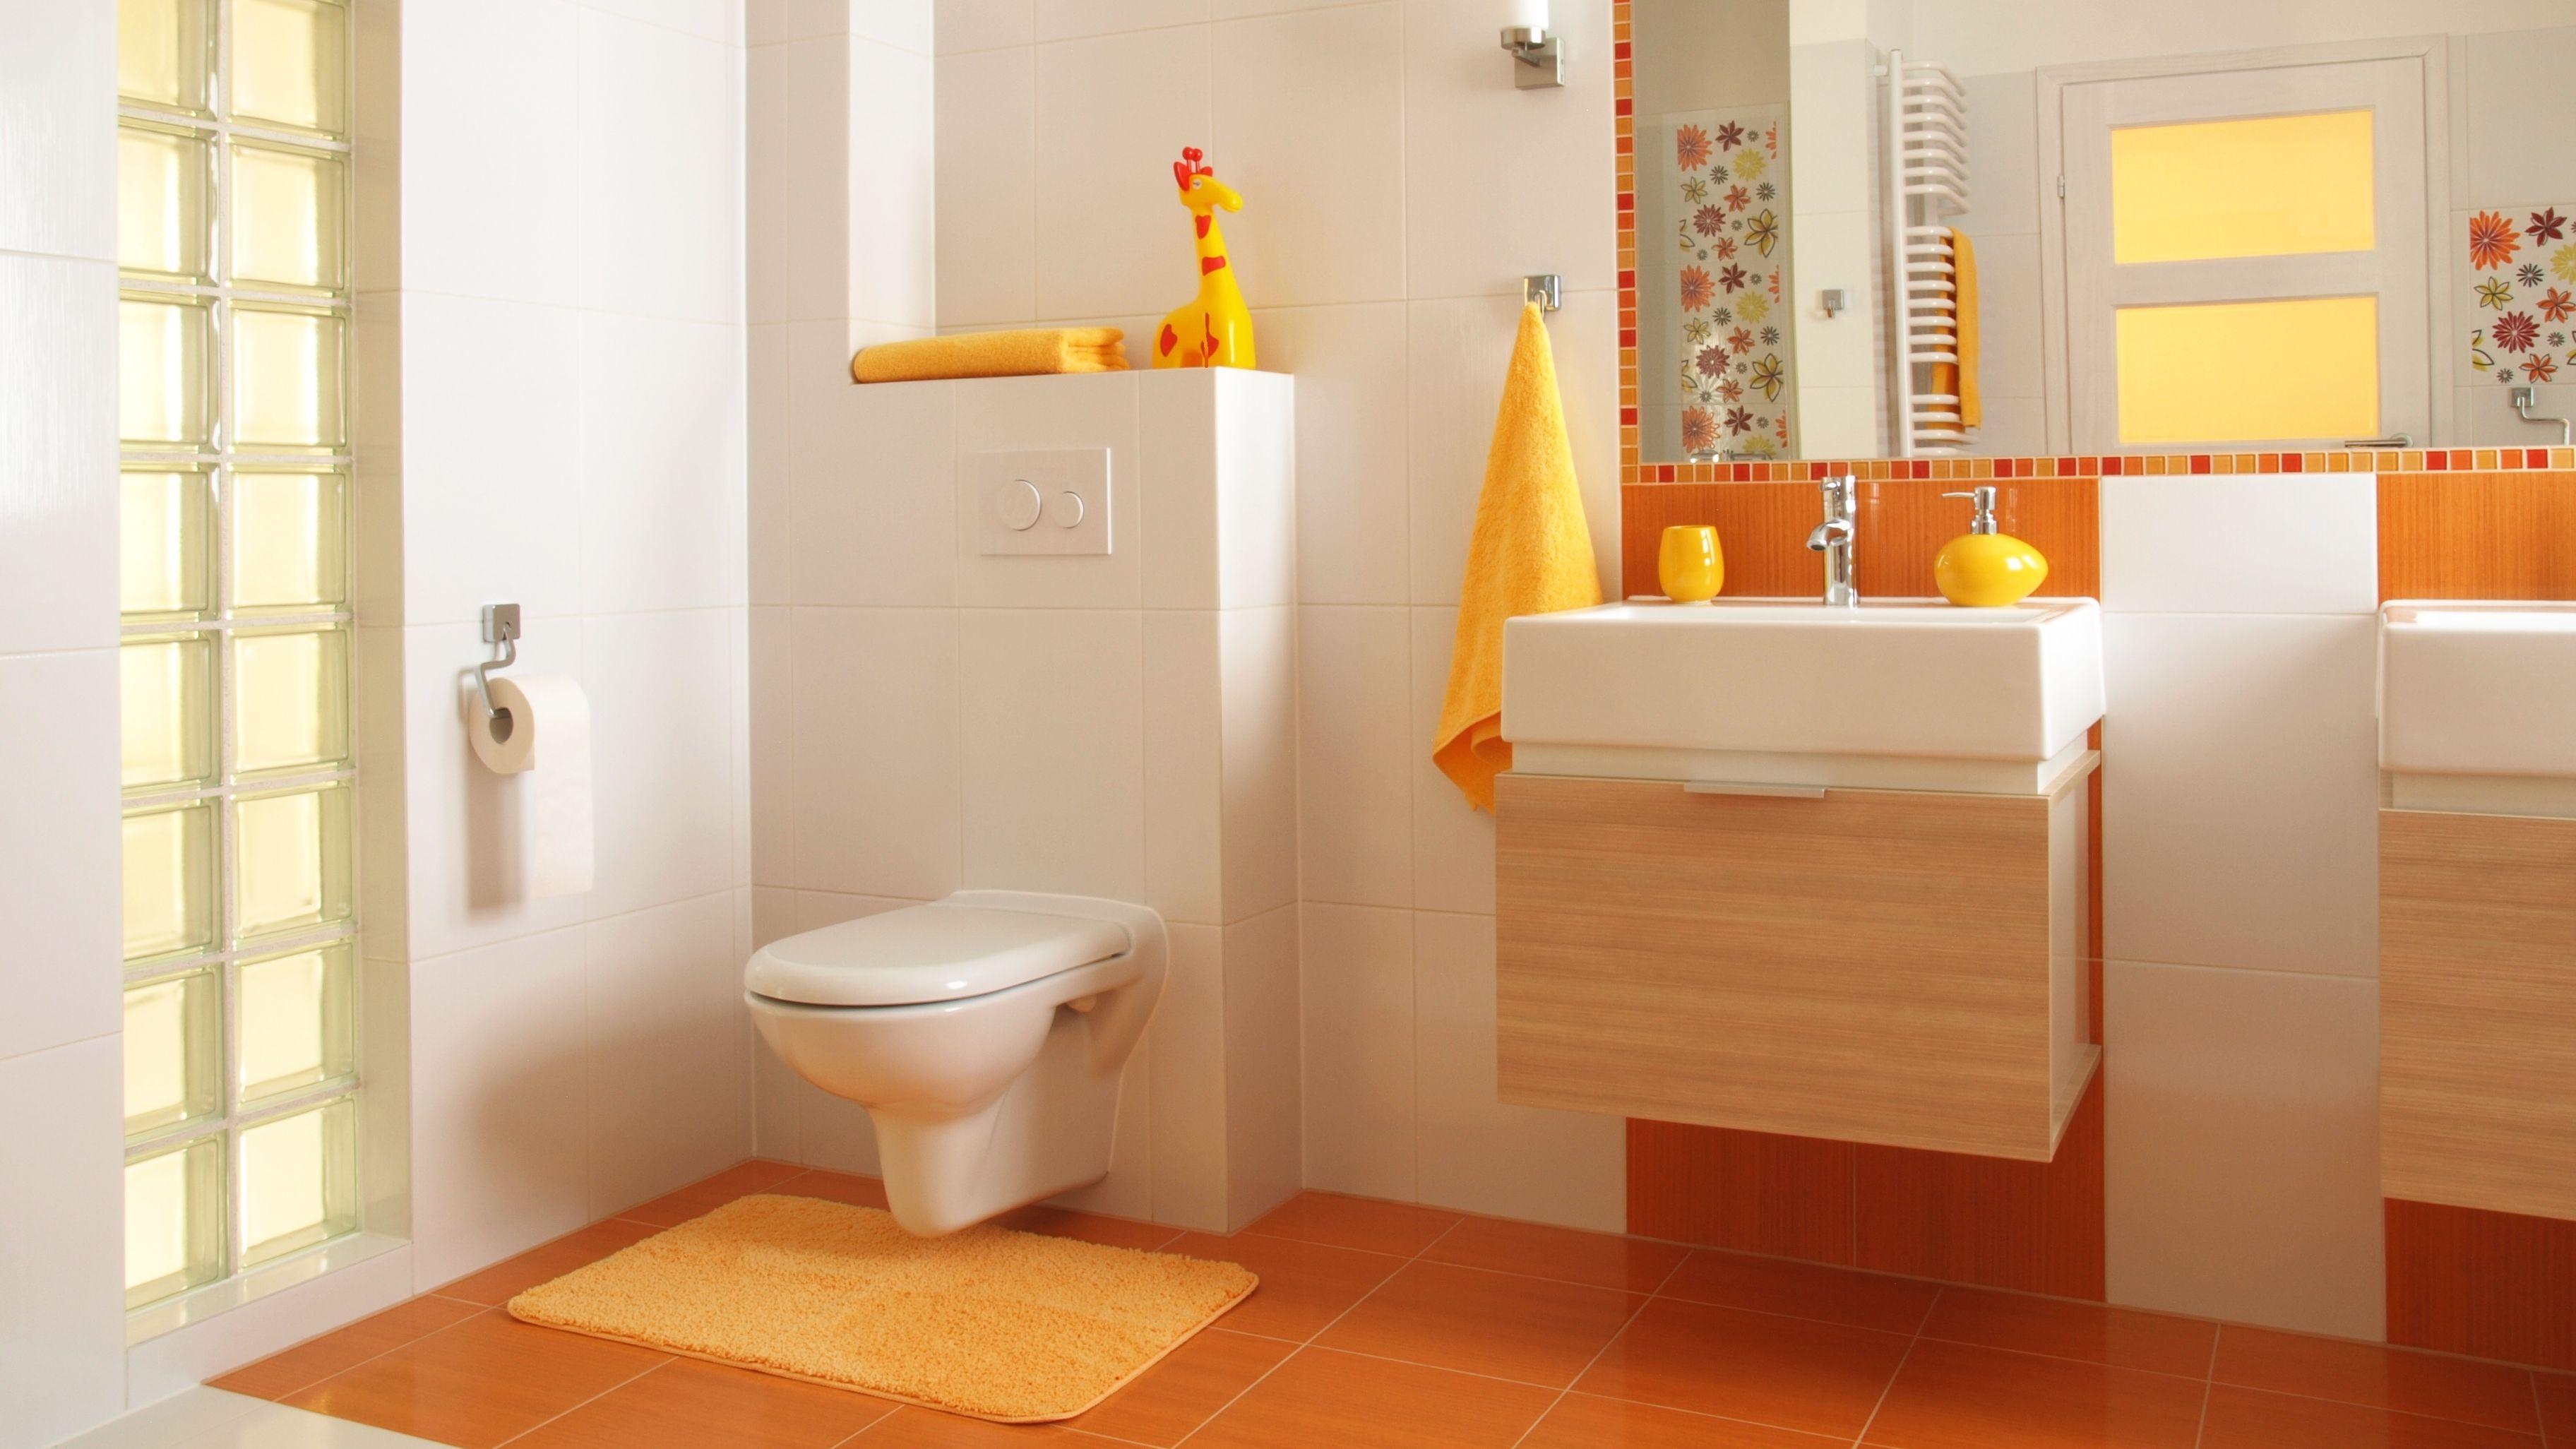 Cómo decorar con éxito el cuarto de baño